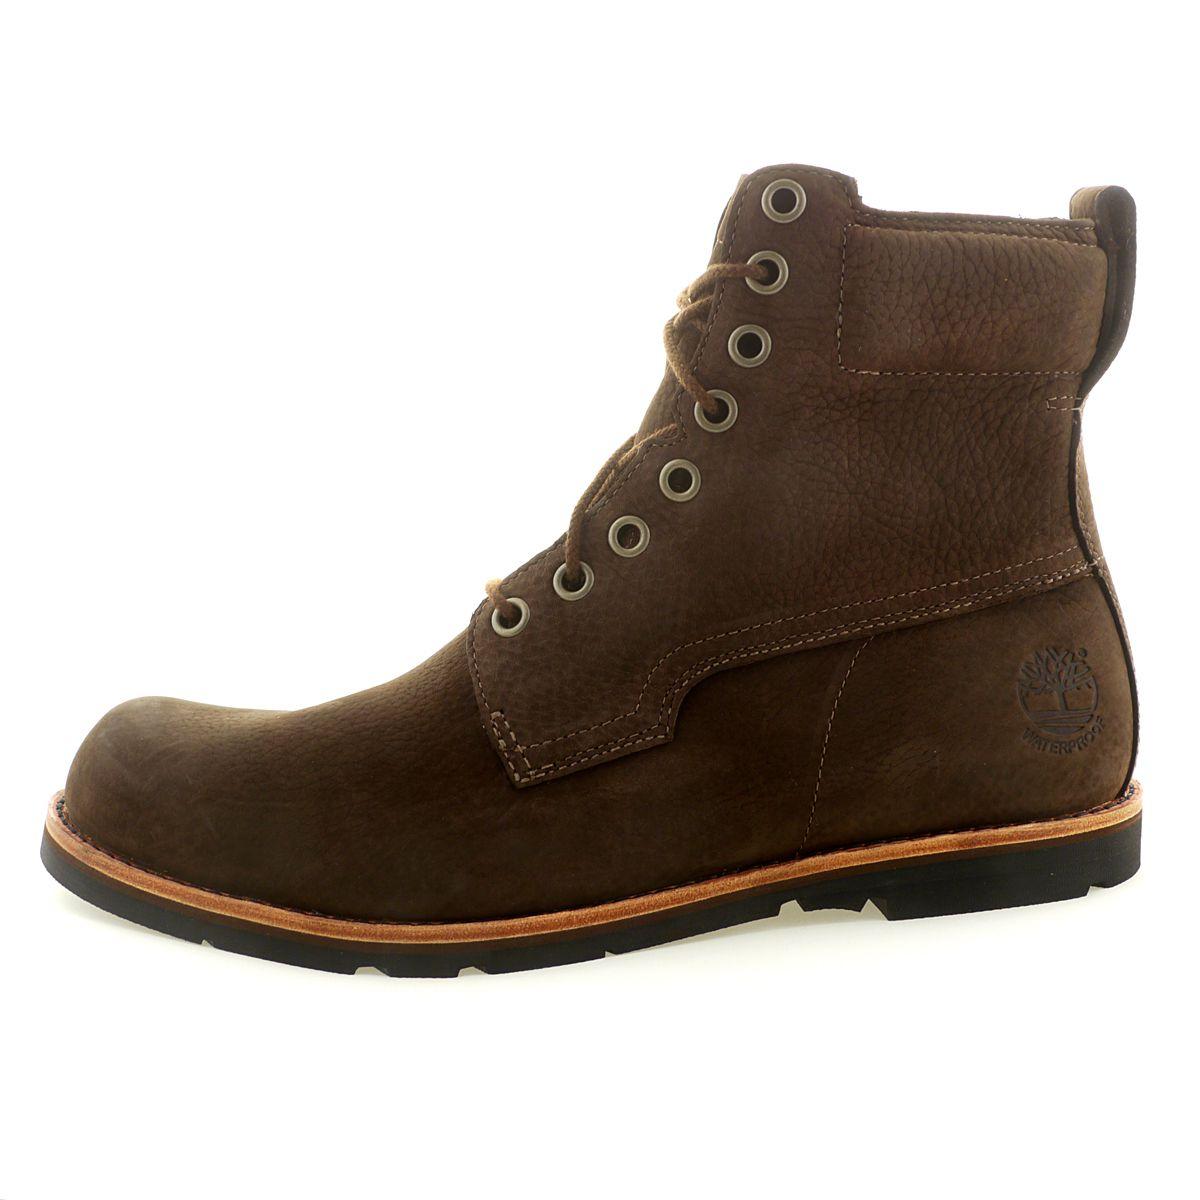 chaussures ek rugged marrons grande taille du 46 au 50. Black Bedroom Furniture Sets. Home Design Ideas